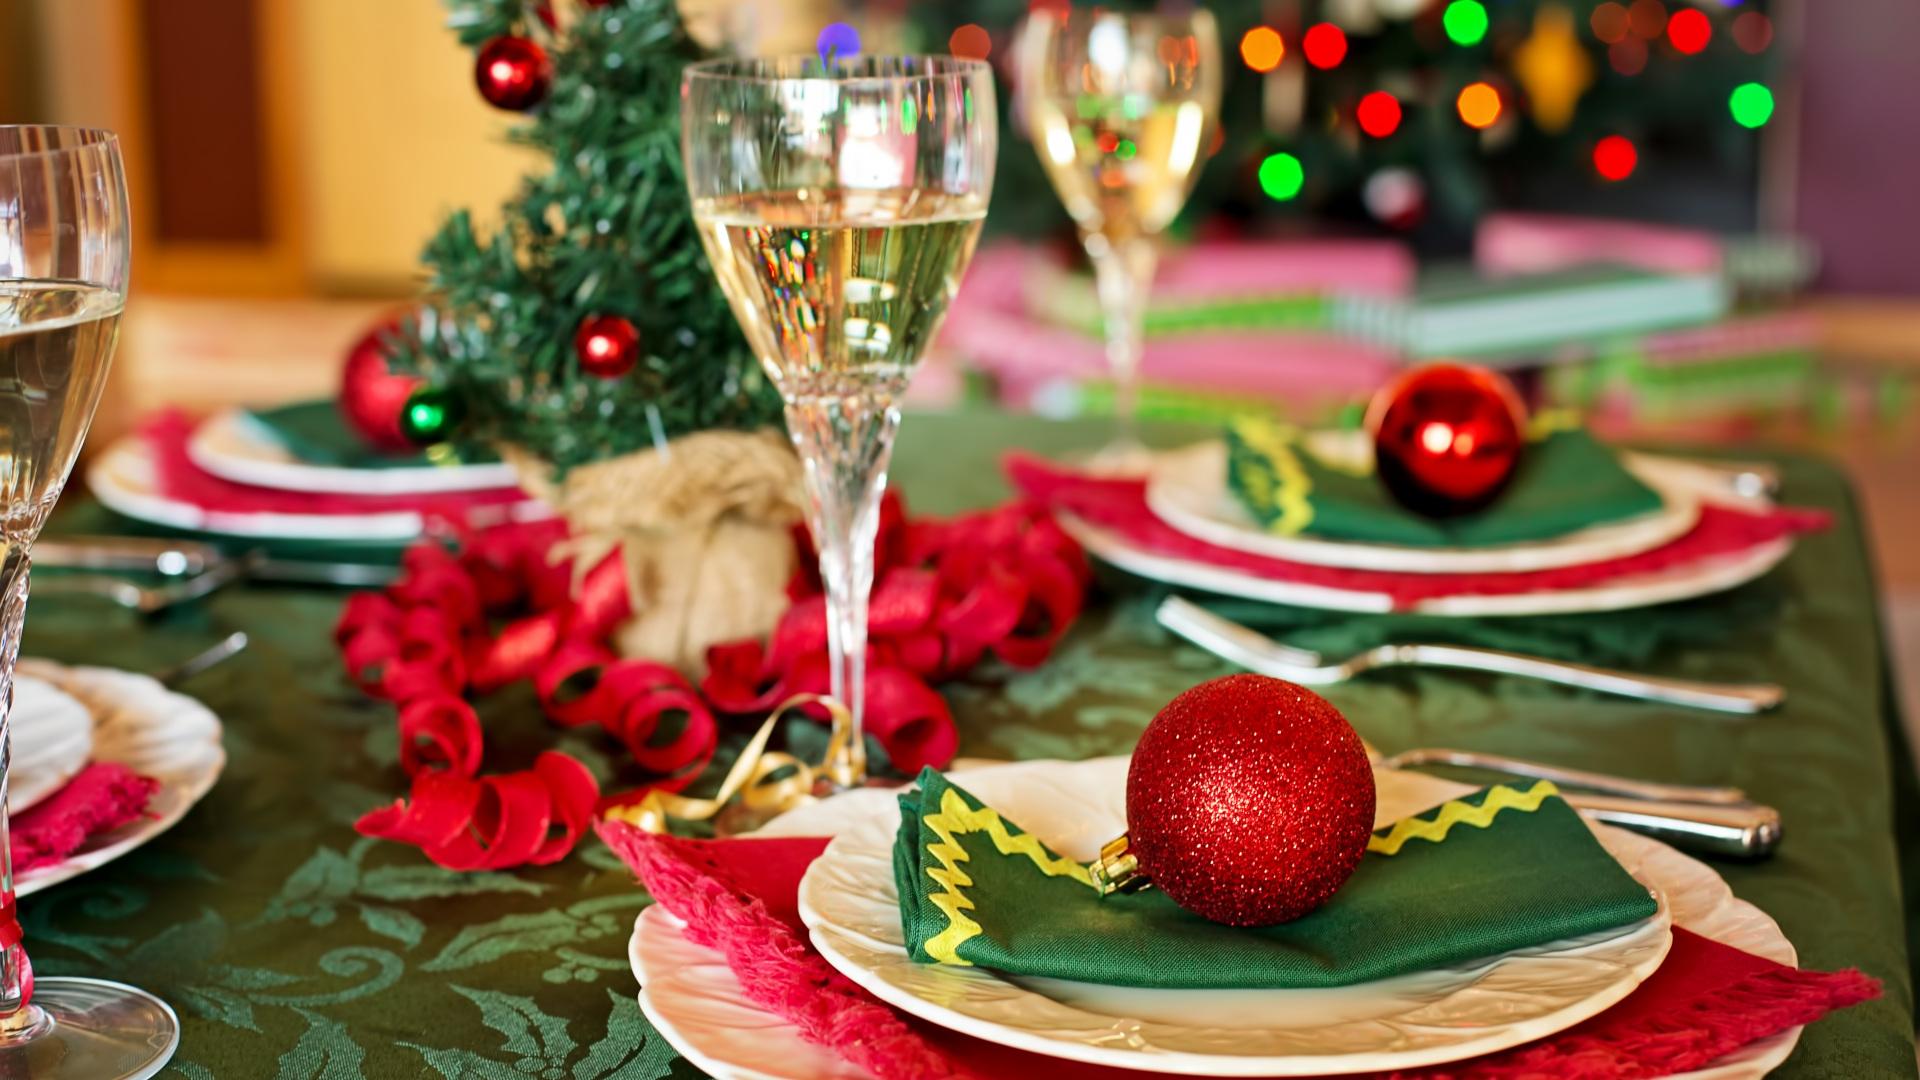 Weihnachtsessen Italien.Weihnachtsessen Für 60 000 Arme In Italien